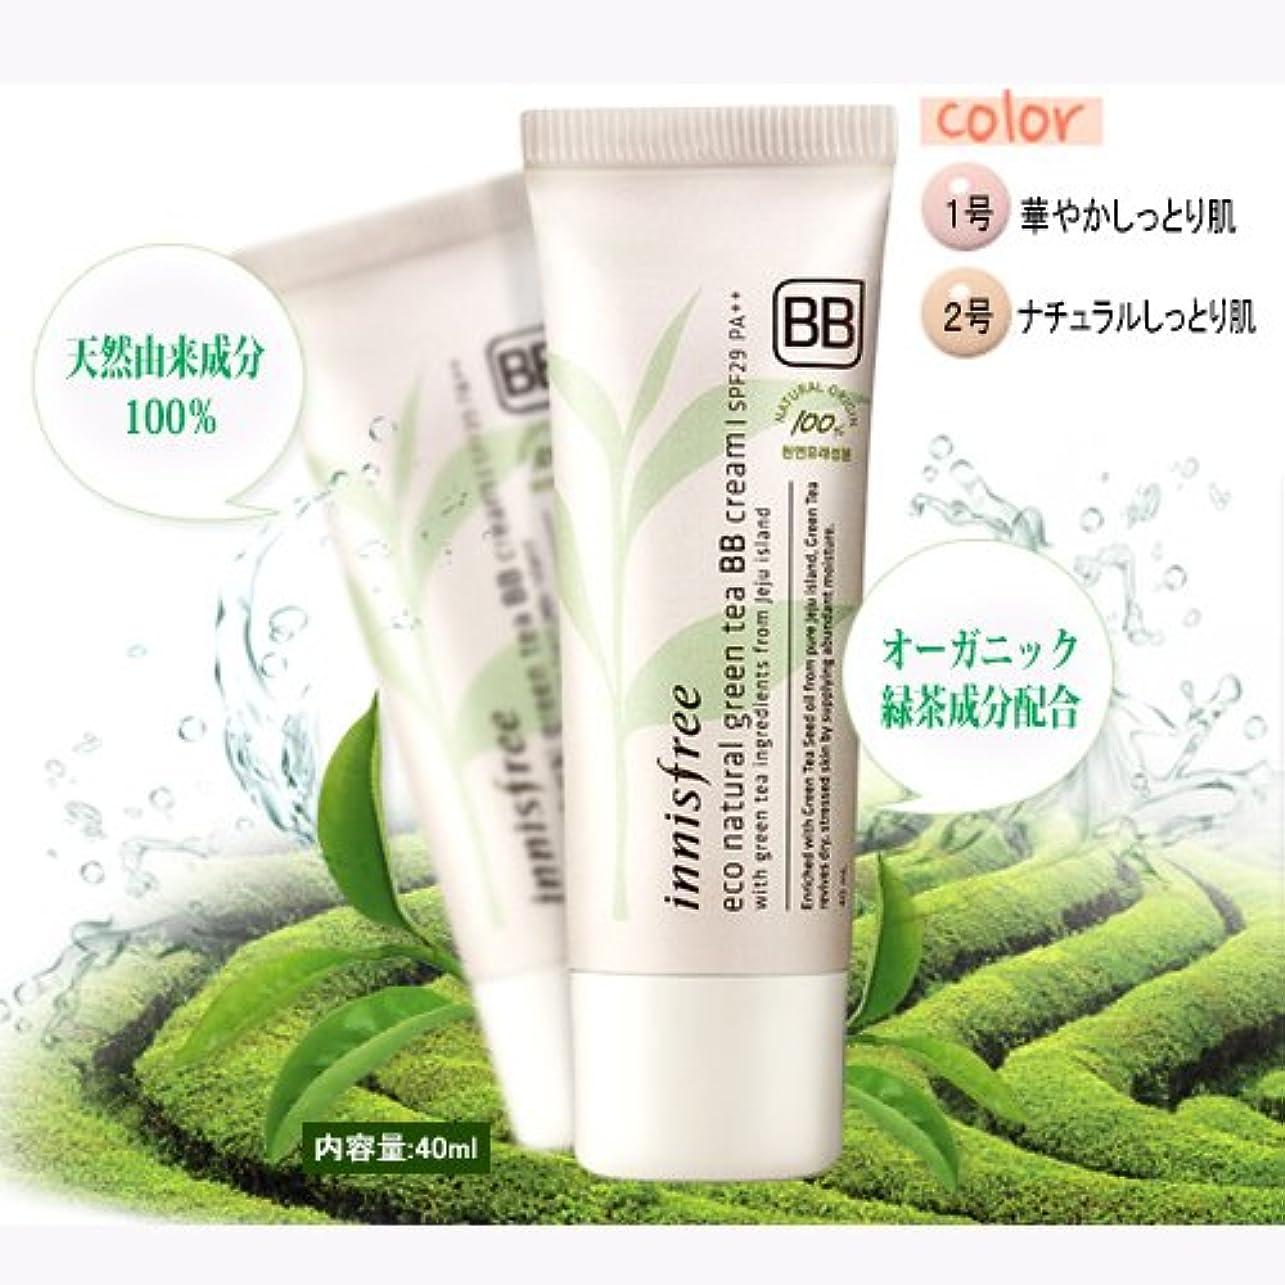 サンダル残高排除innisfree/イニスフリー Eco Natural Green Tea BB Cream #02/エコナチュラルグリーンティーBBクリームナチュラルなしっとりお肌 SPF29PA++40ml